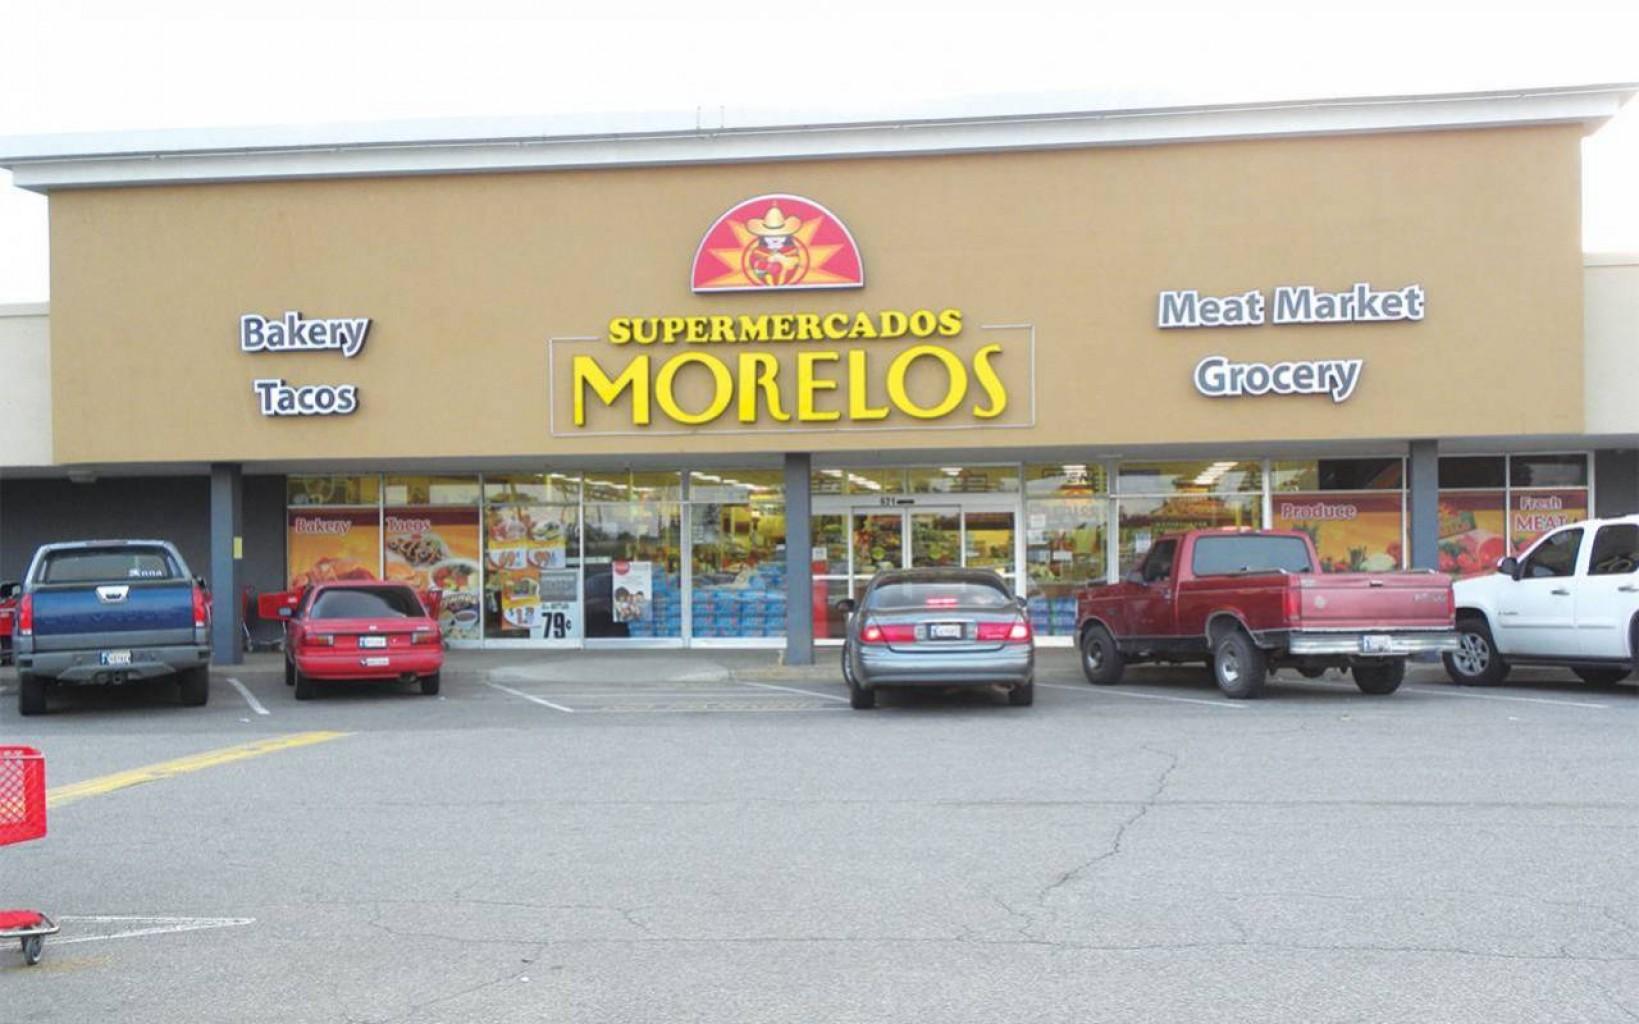 Supermercado Morelos to Participate in Food Program